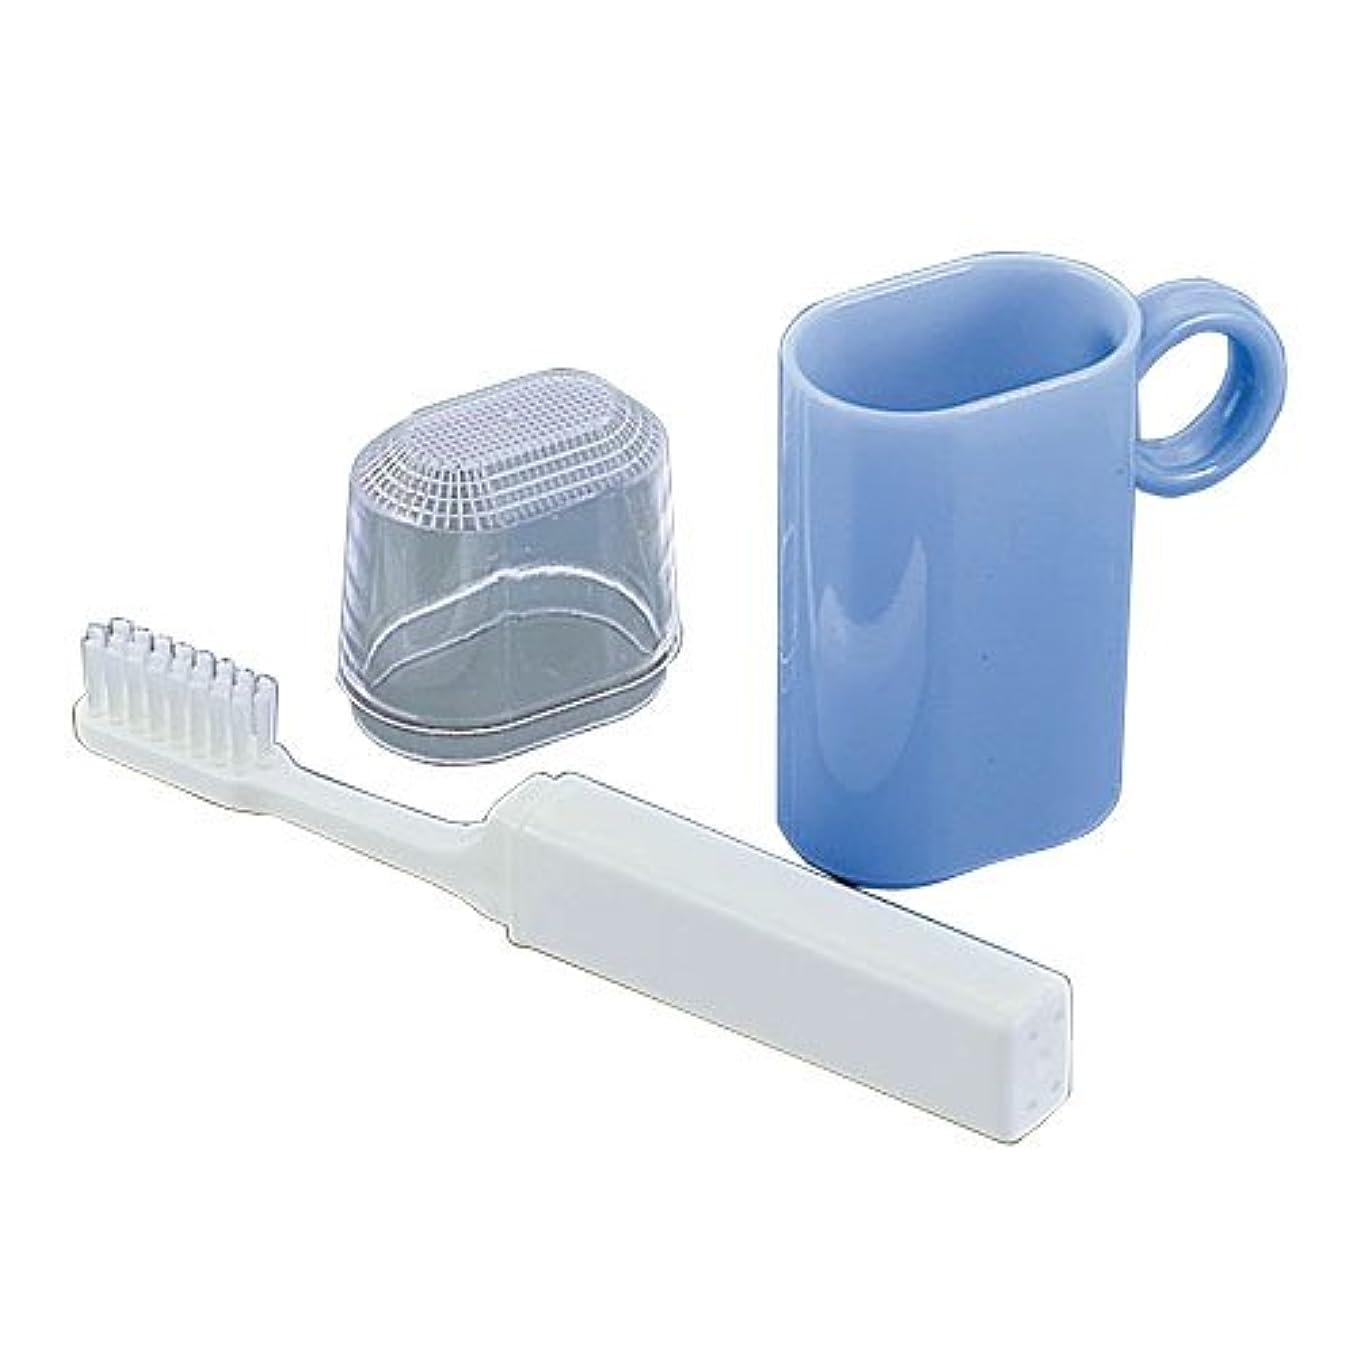 落ち着いたギャップ知人コップ付歯ブラシセット ブルー